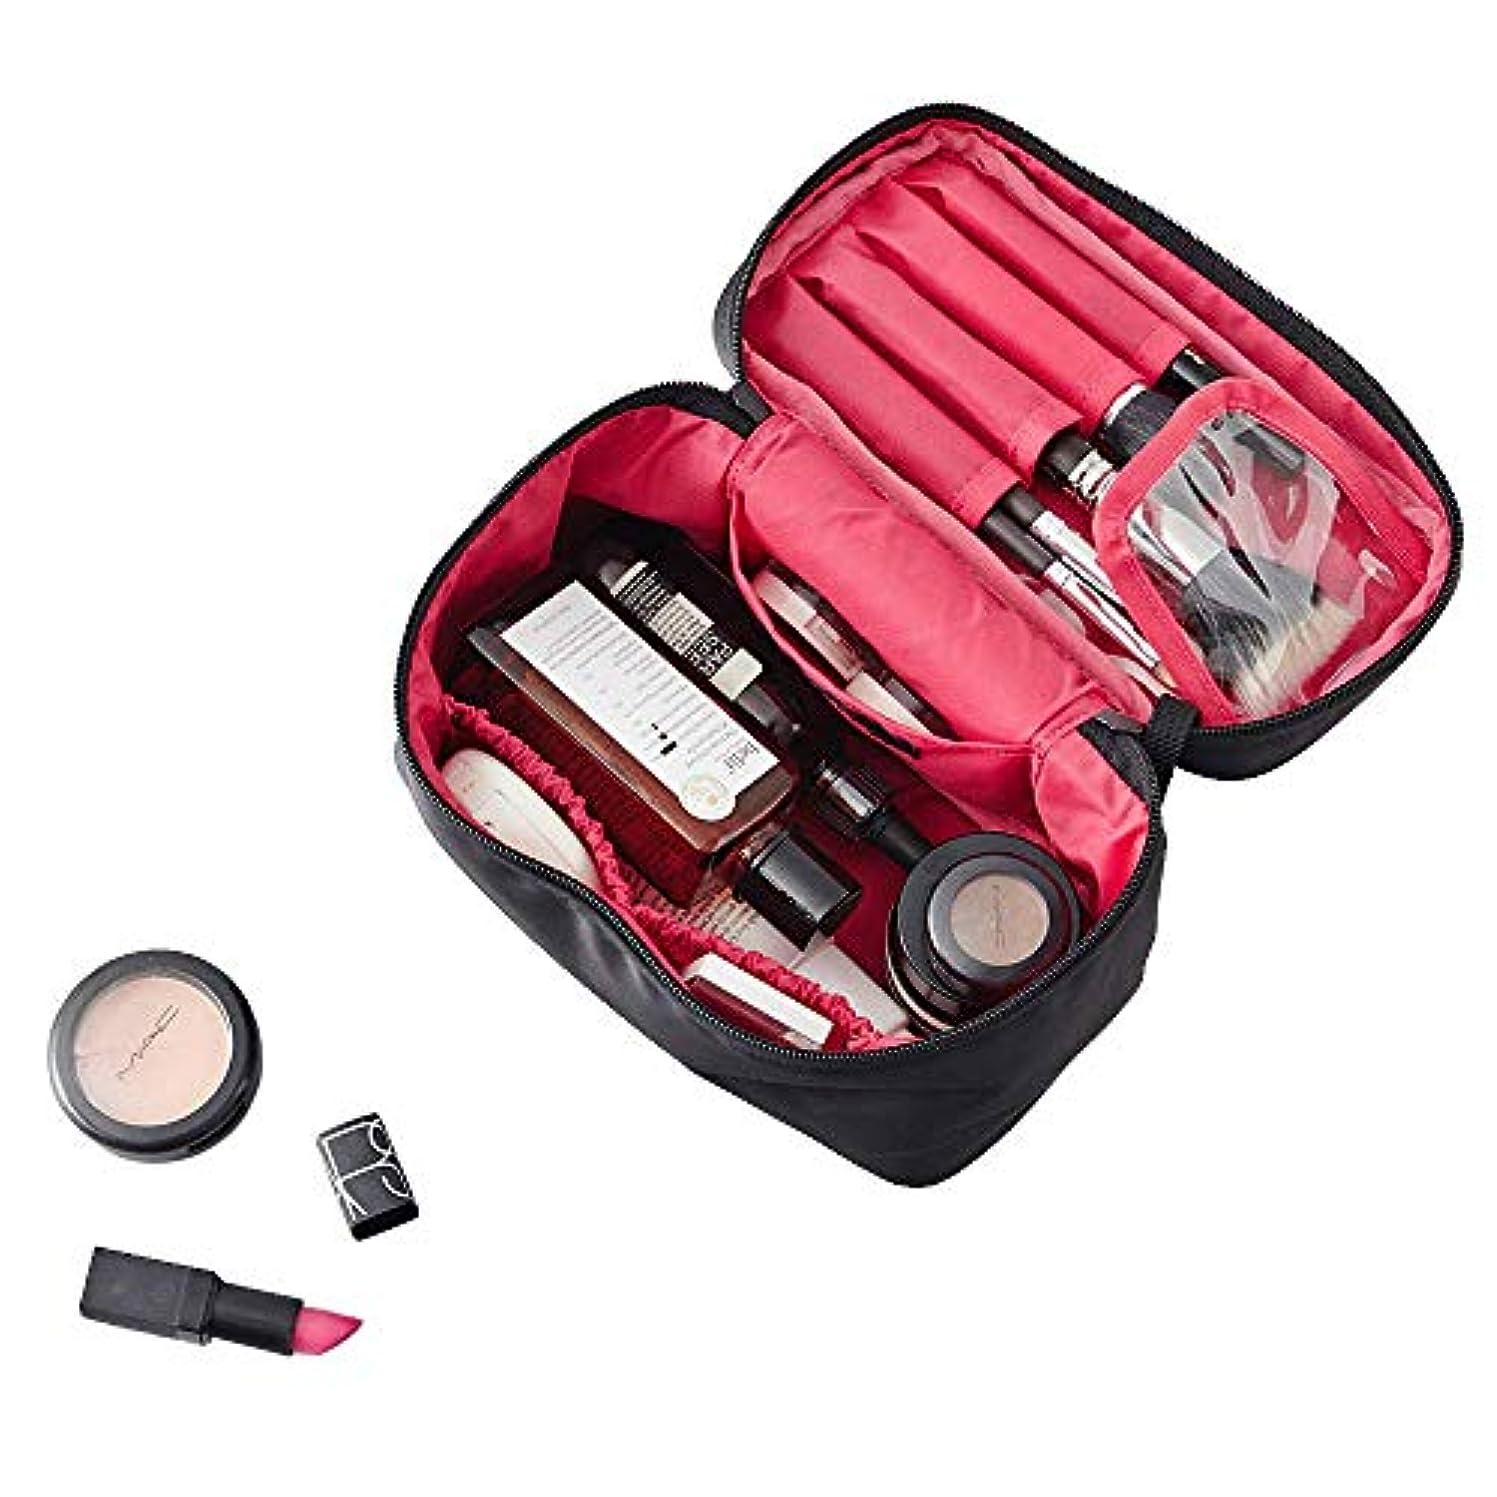 以前は煙突解くNKTM 化粧ポーチ コスメポーチ メイクポーチ 大容量 バニティポーチ 機能的 小物入れ 化粧道具 旅行 (ブランク)